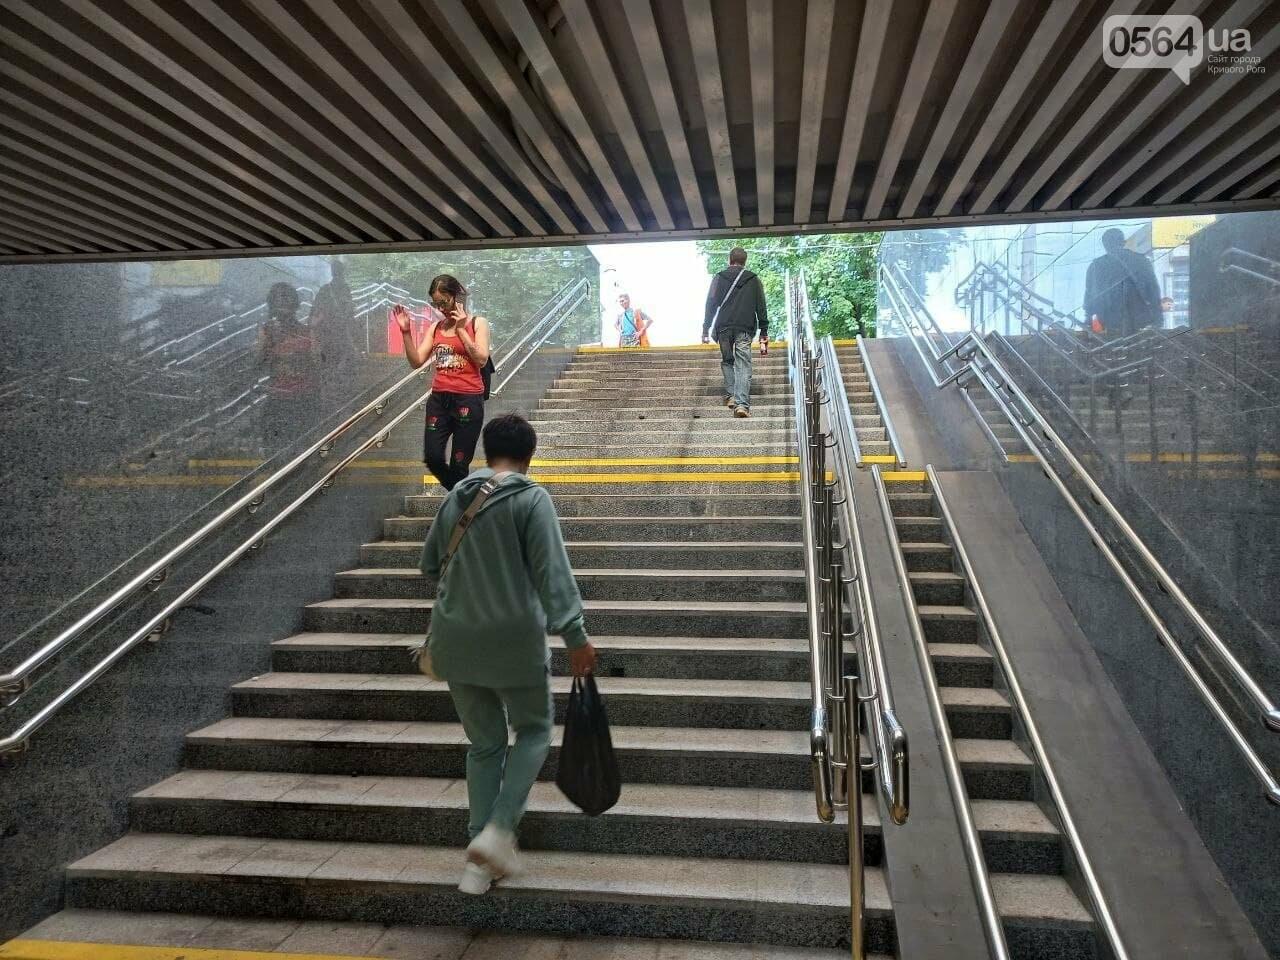 Возле Центрального рынка в Кривом Роге закрыли наземный переход и открыли подземный, - ФОТО, фото-14